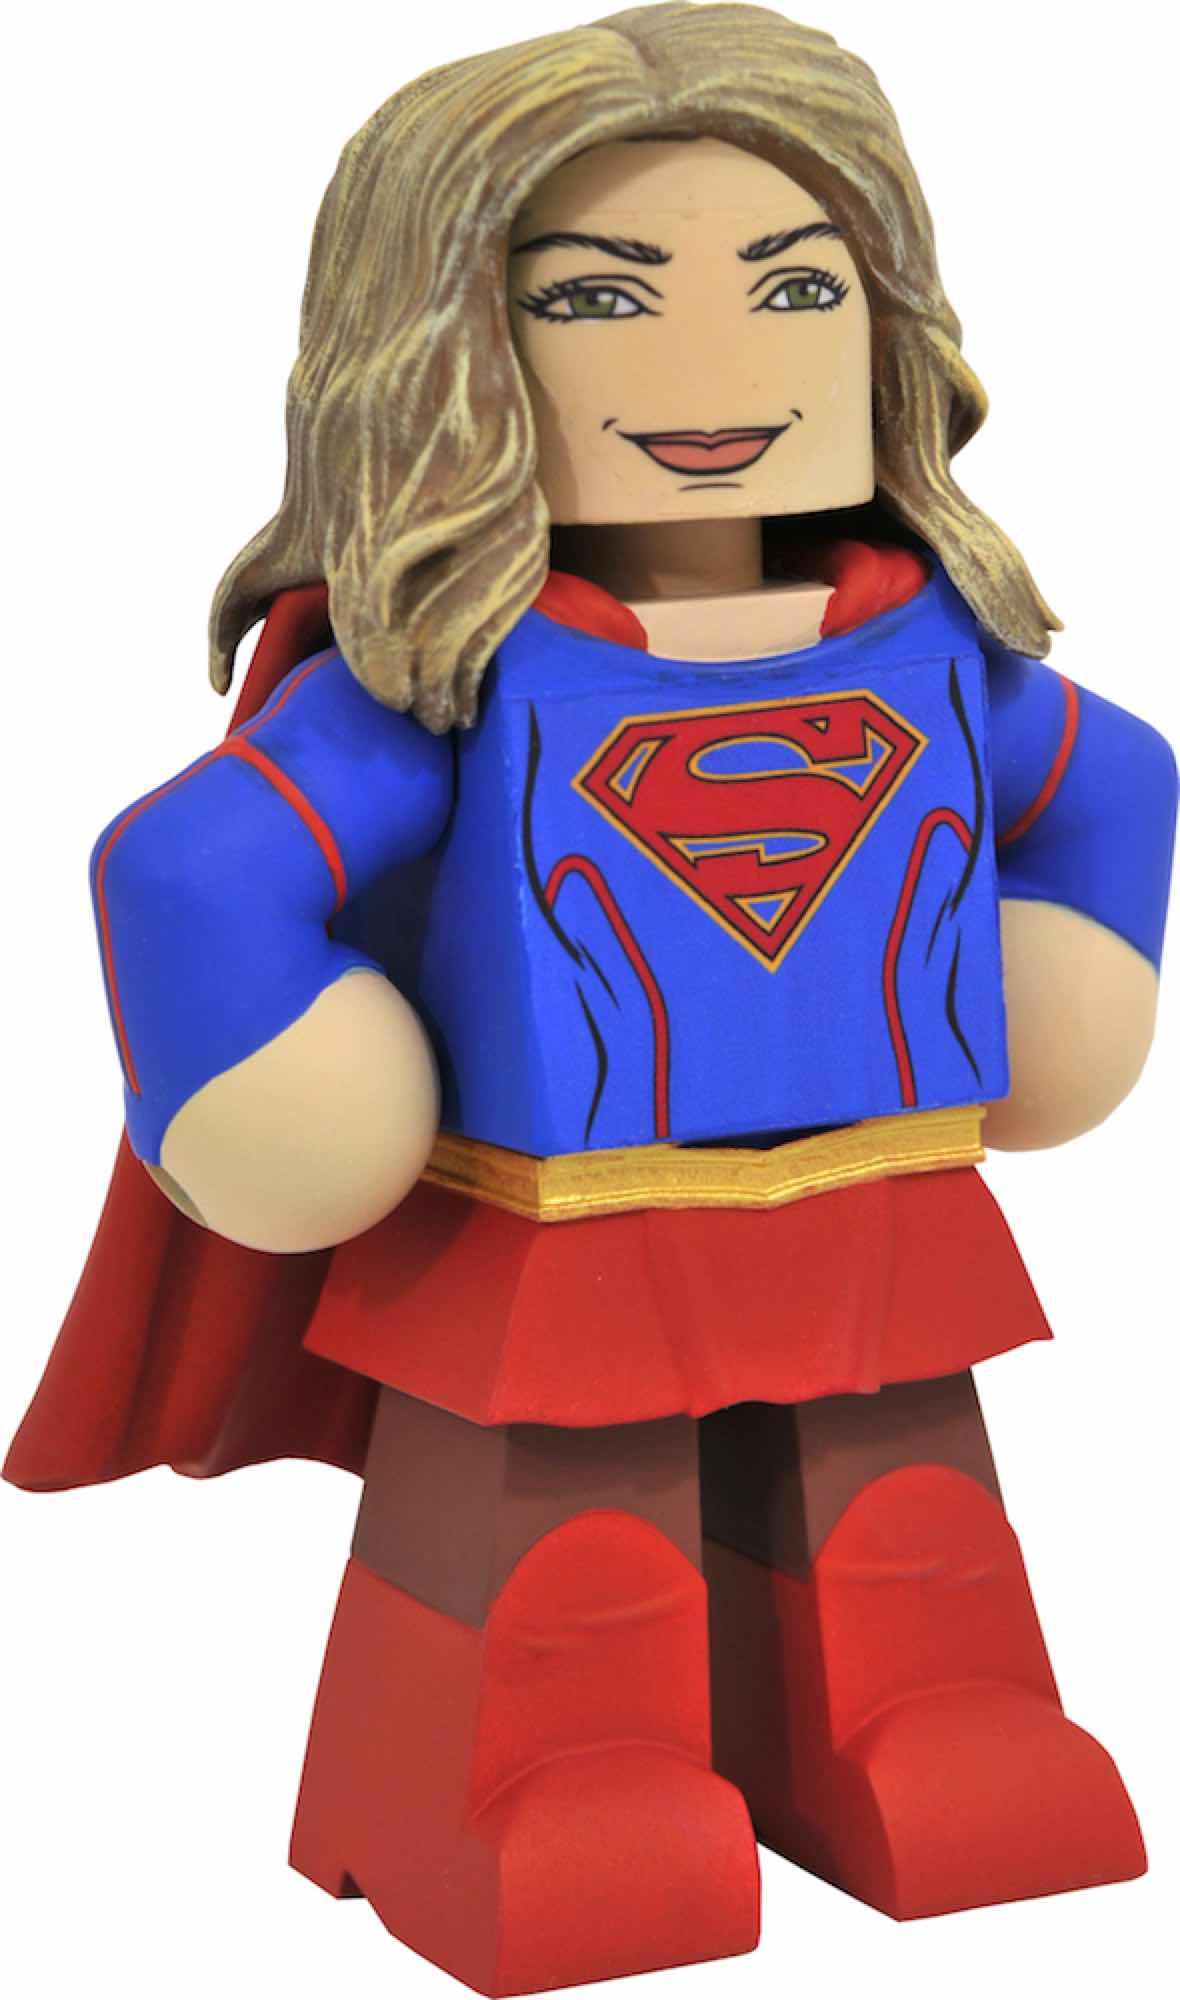 SUPERGIRL FIGURA 10 CM DC UNIVERSE SUPERGIRL TV SHOW VINIMATE